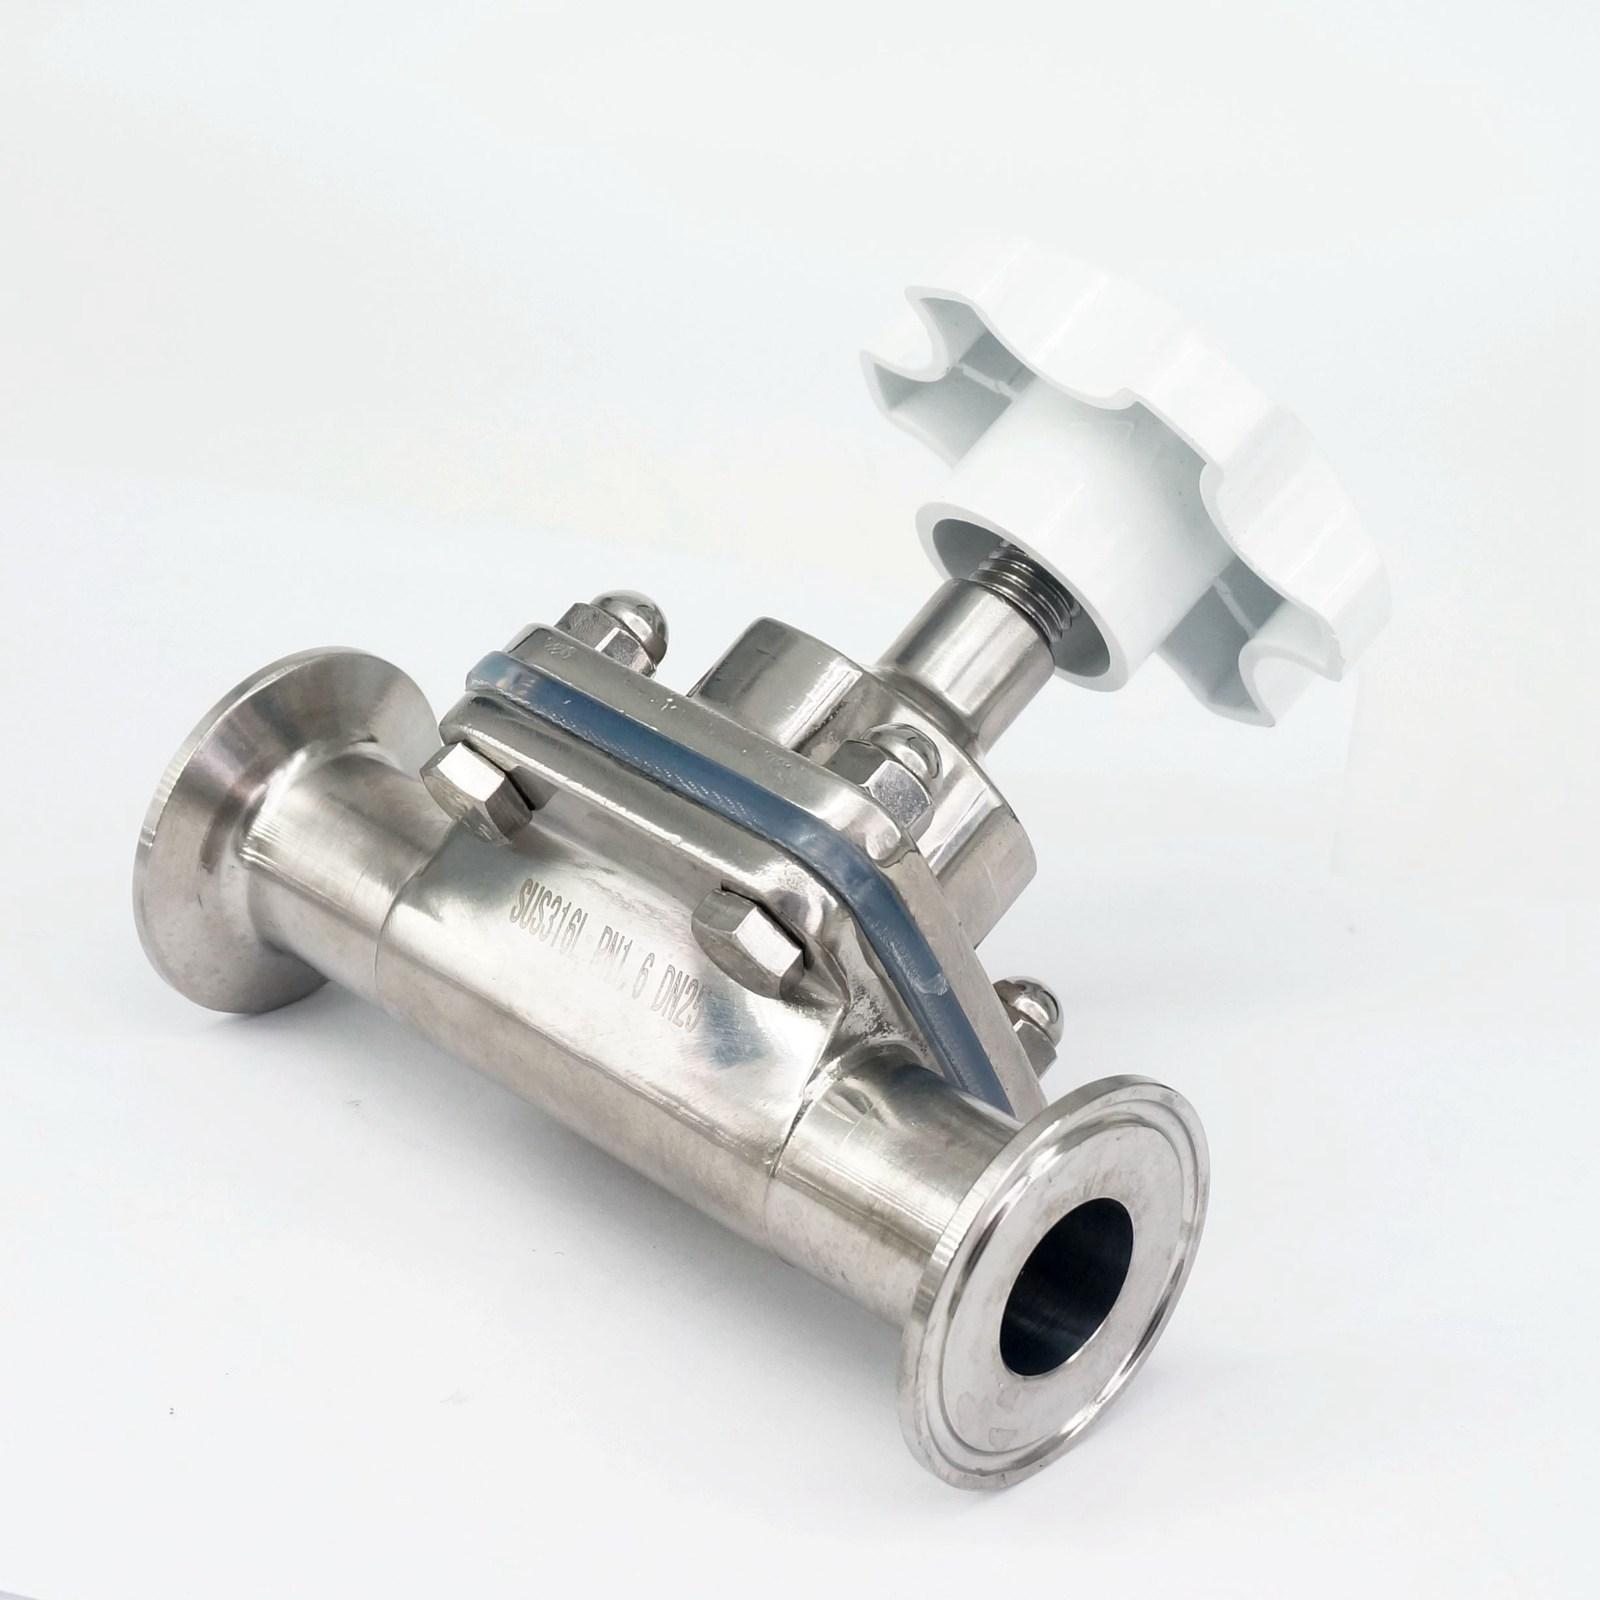 Der GüNstigste Preis 1 25mm 316 Edelstahl Sanitär 1,5 Tri Clamp Membran Ventil Brauen Bier Milch Produkt Gute QualitäT Ventil